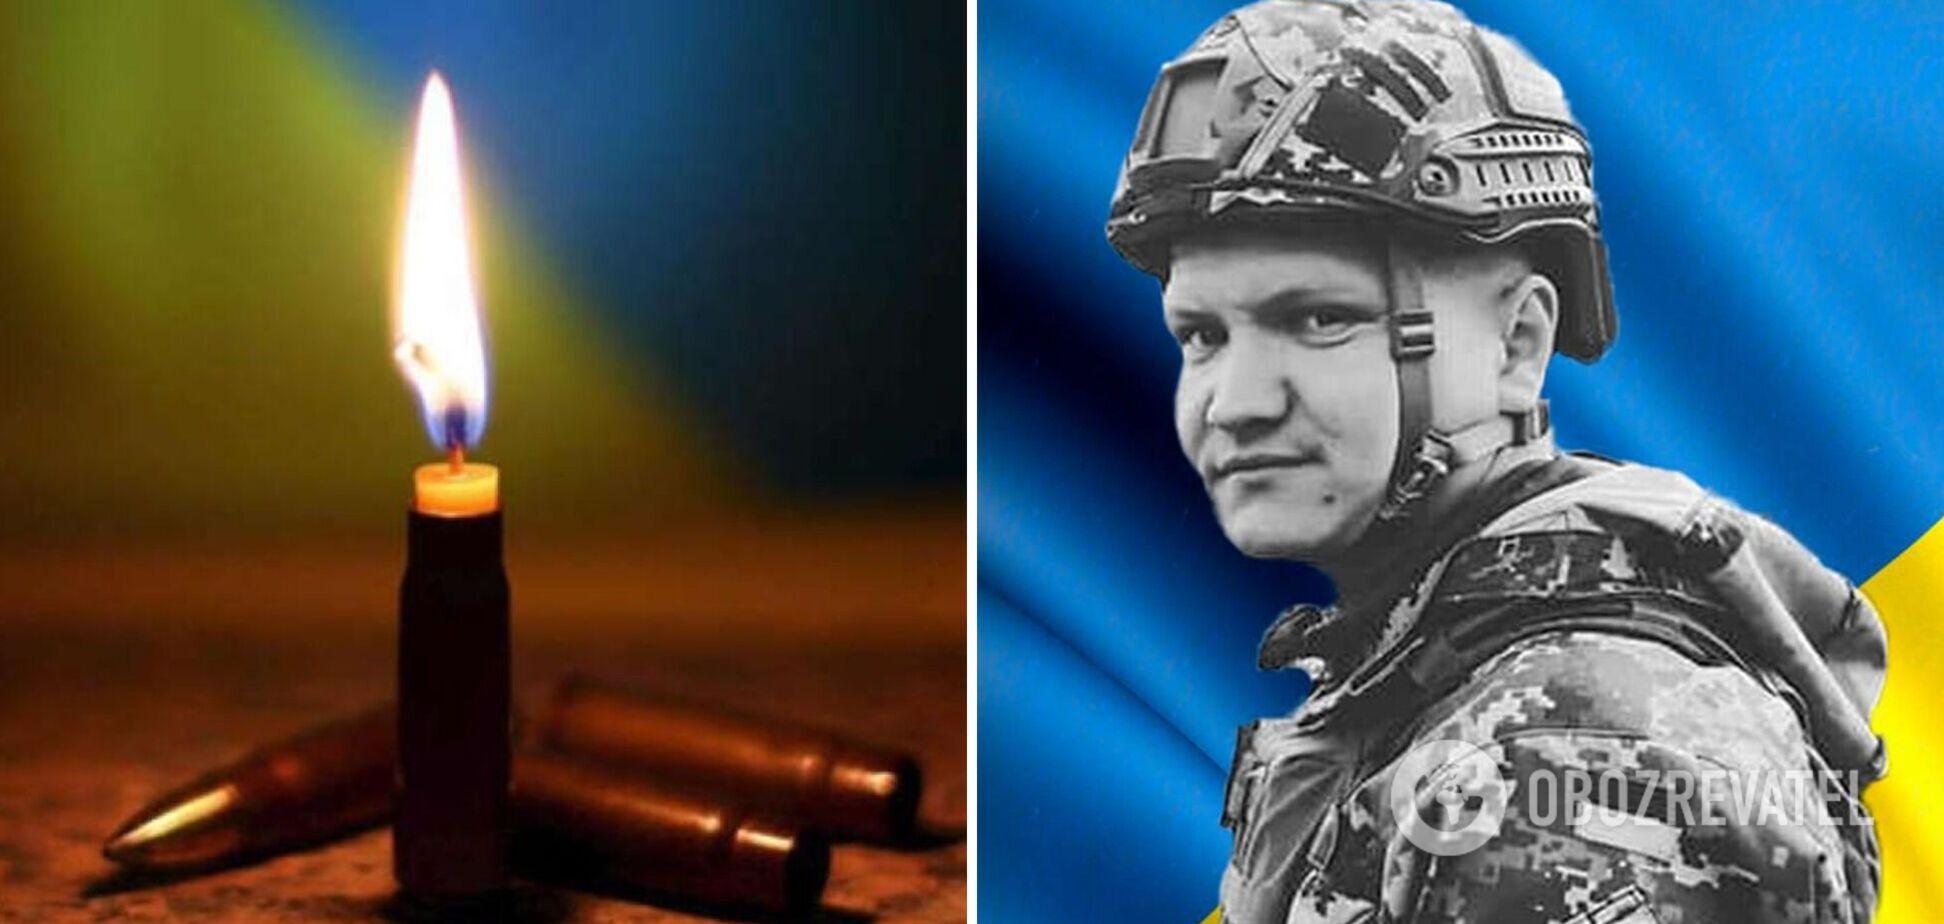 Стало відомо ім'я воїна ЗСУ, загиблого на Донбасі. Фото Героя